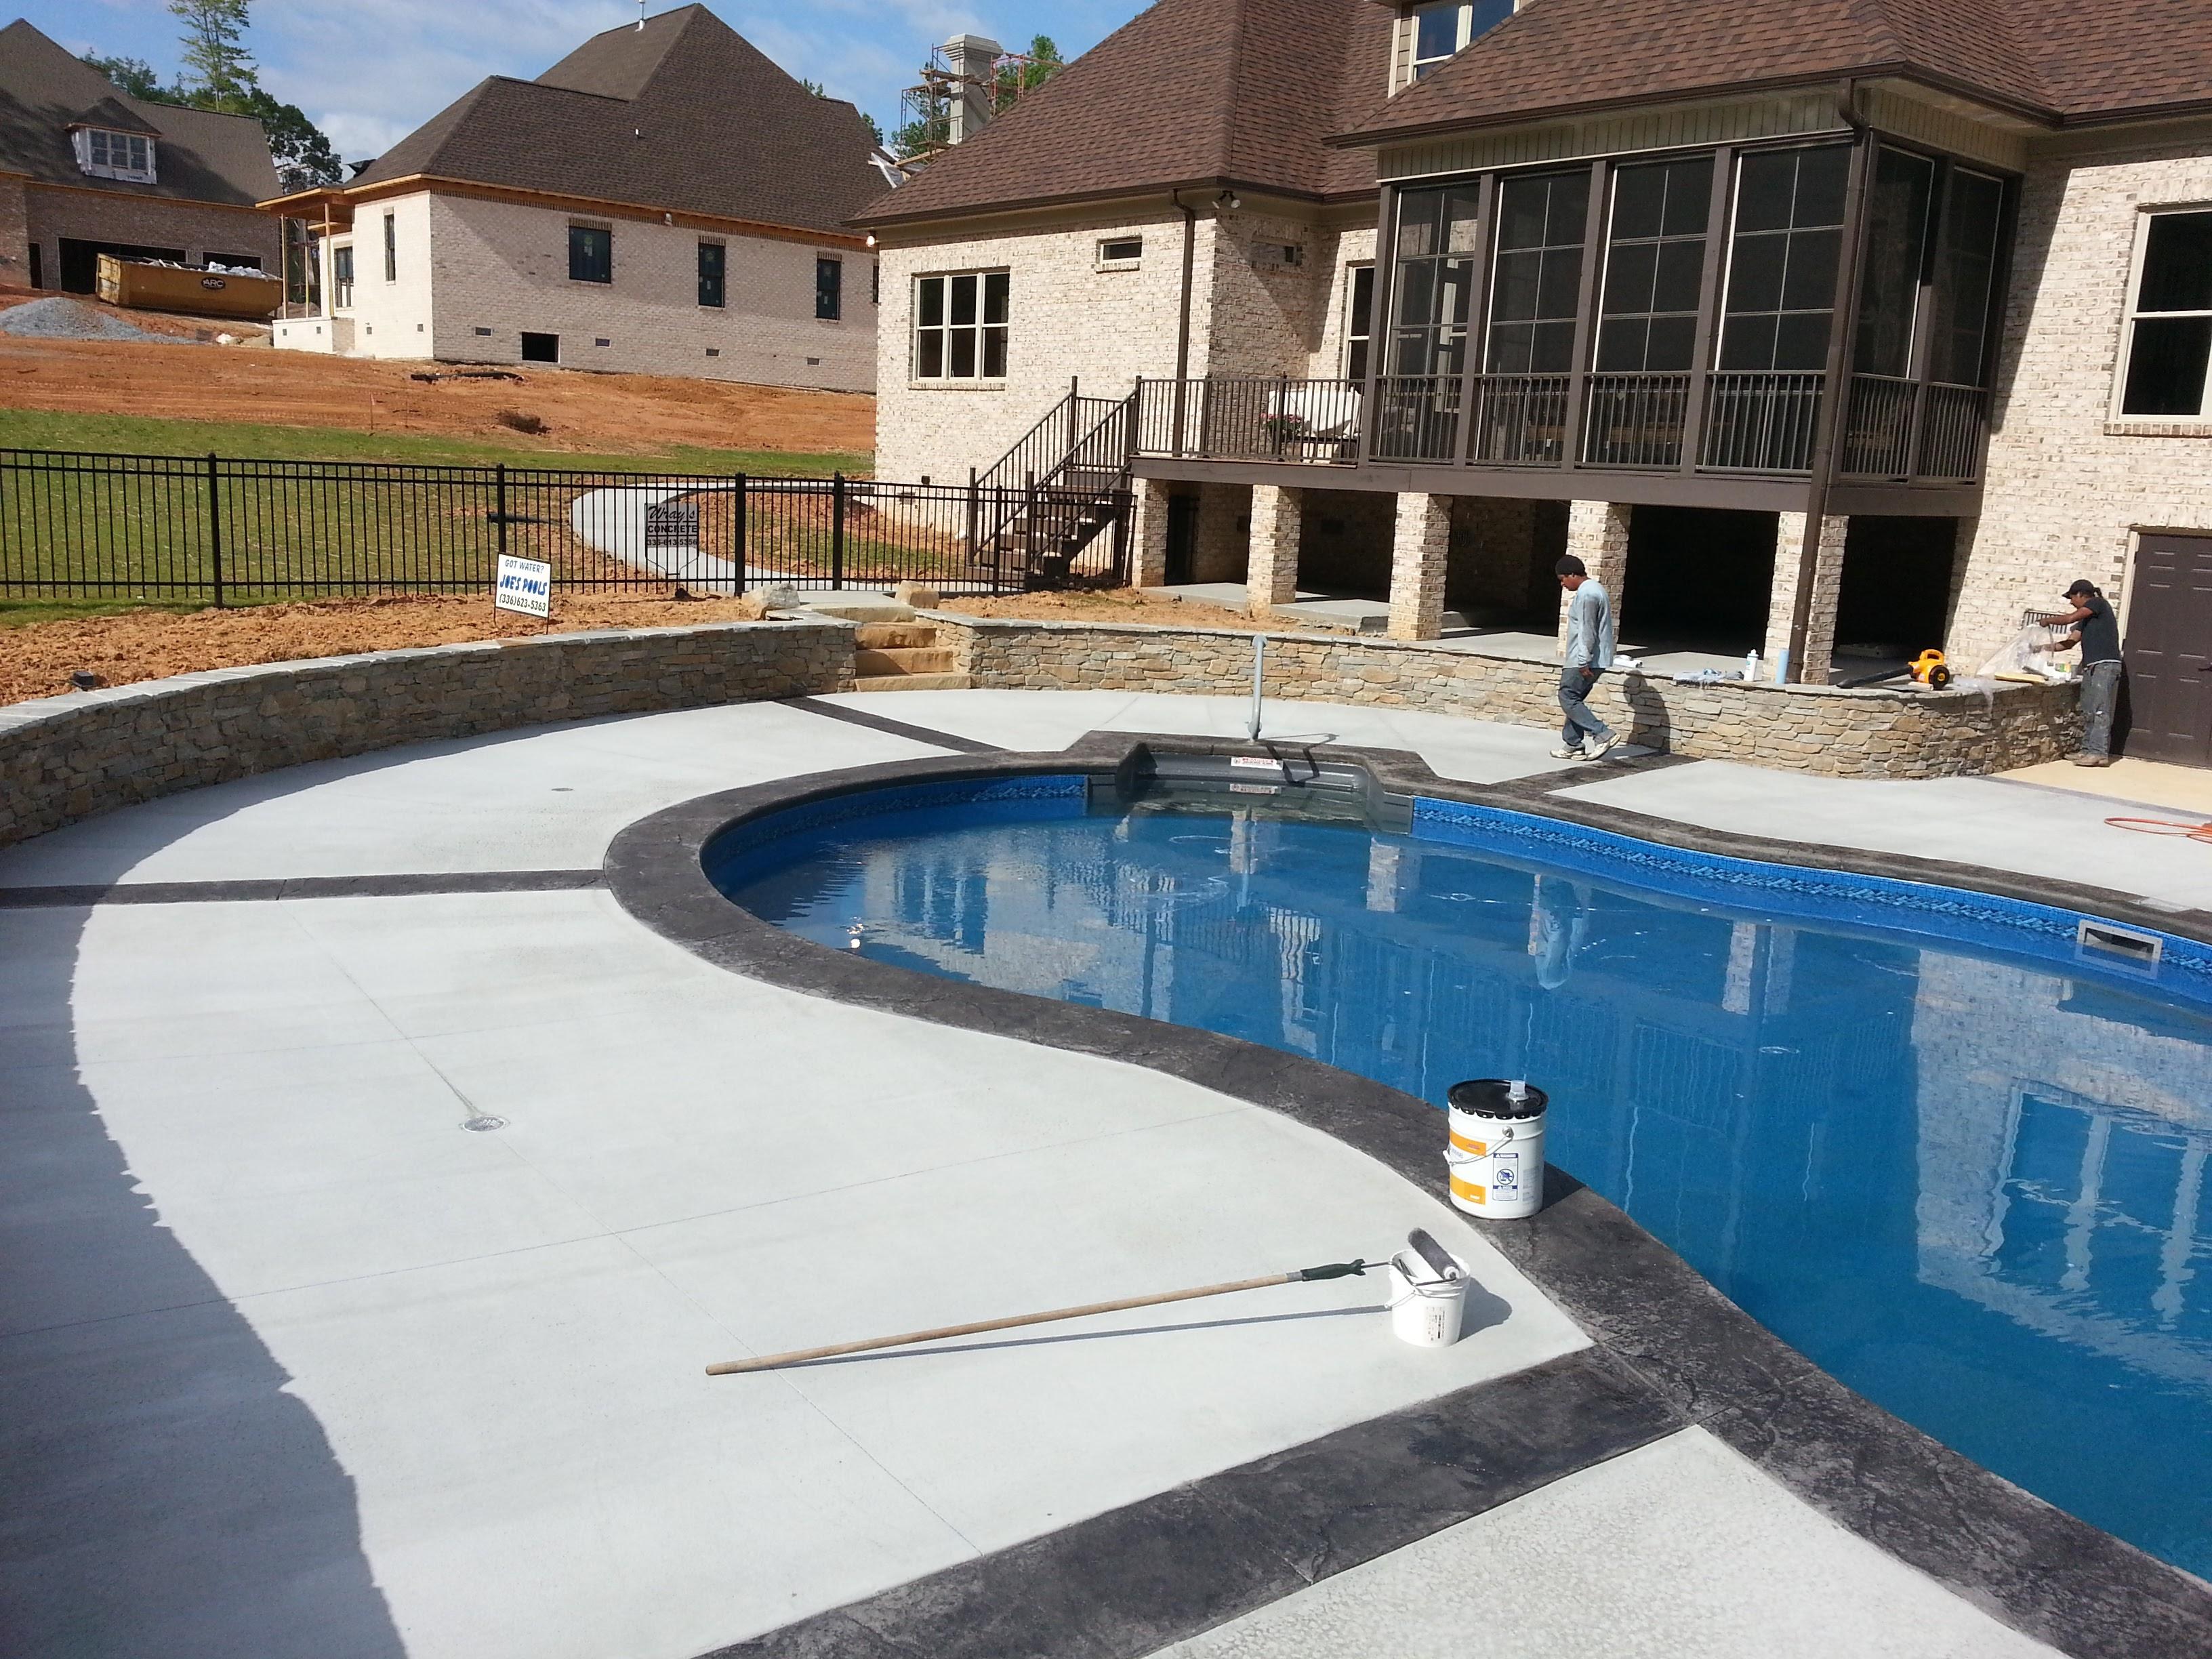 concrete contractors in danville va by superpages